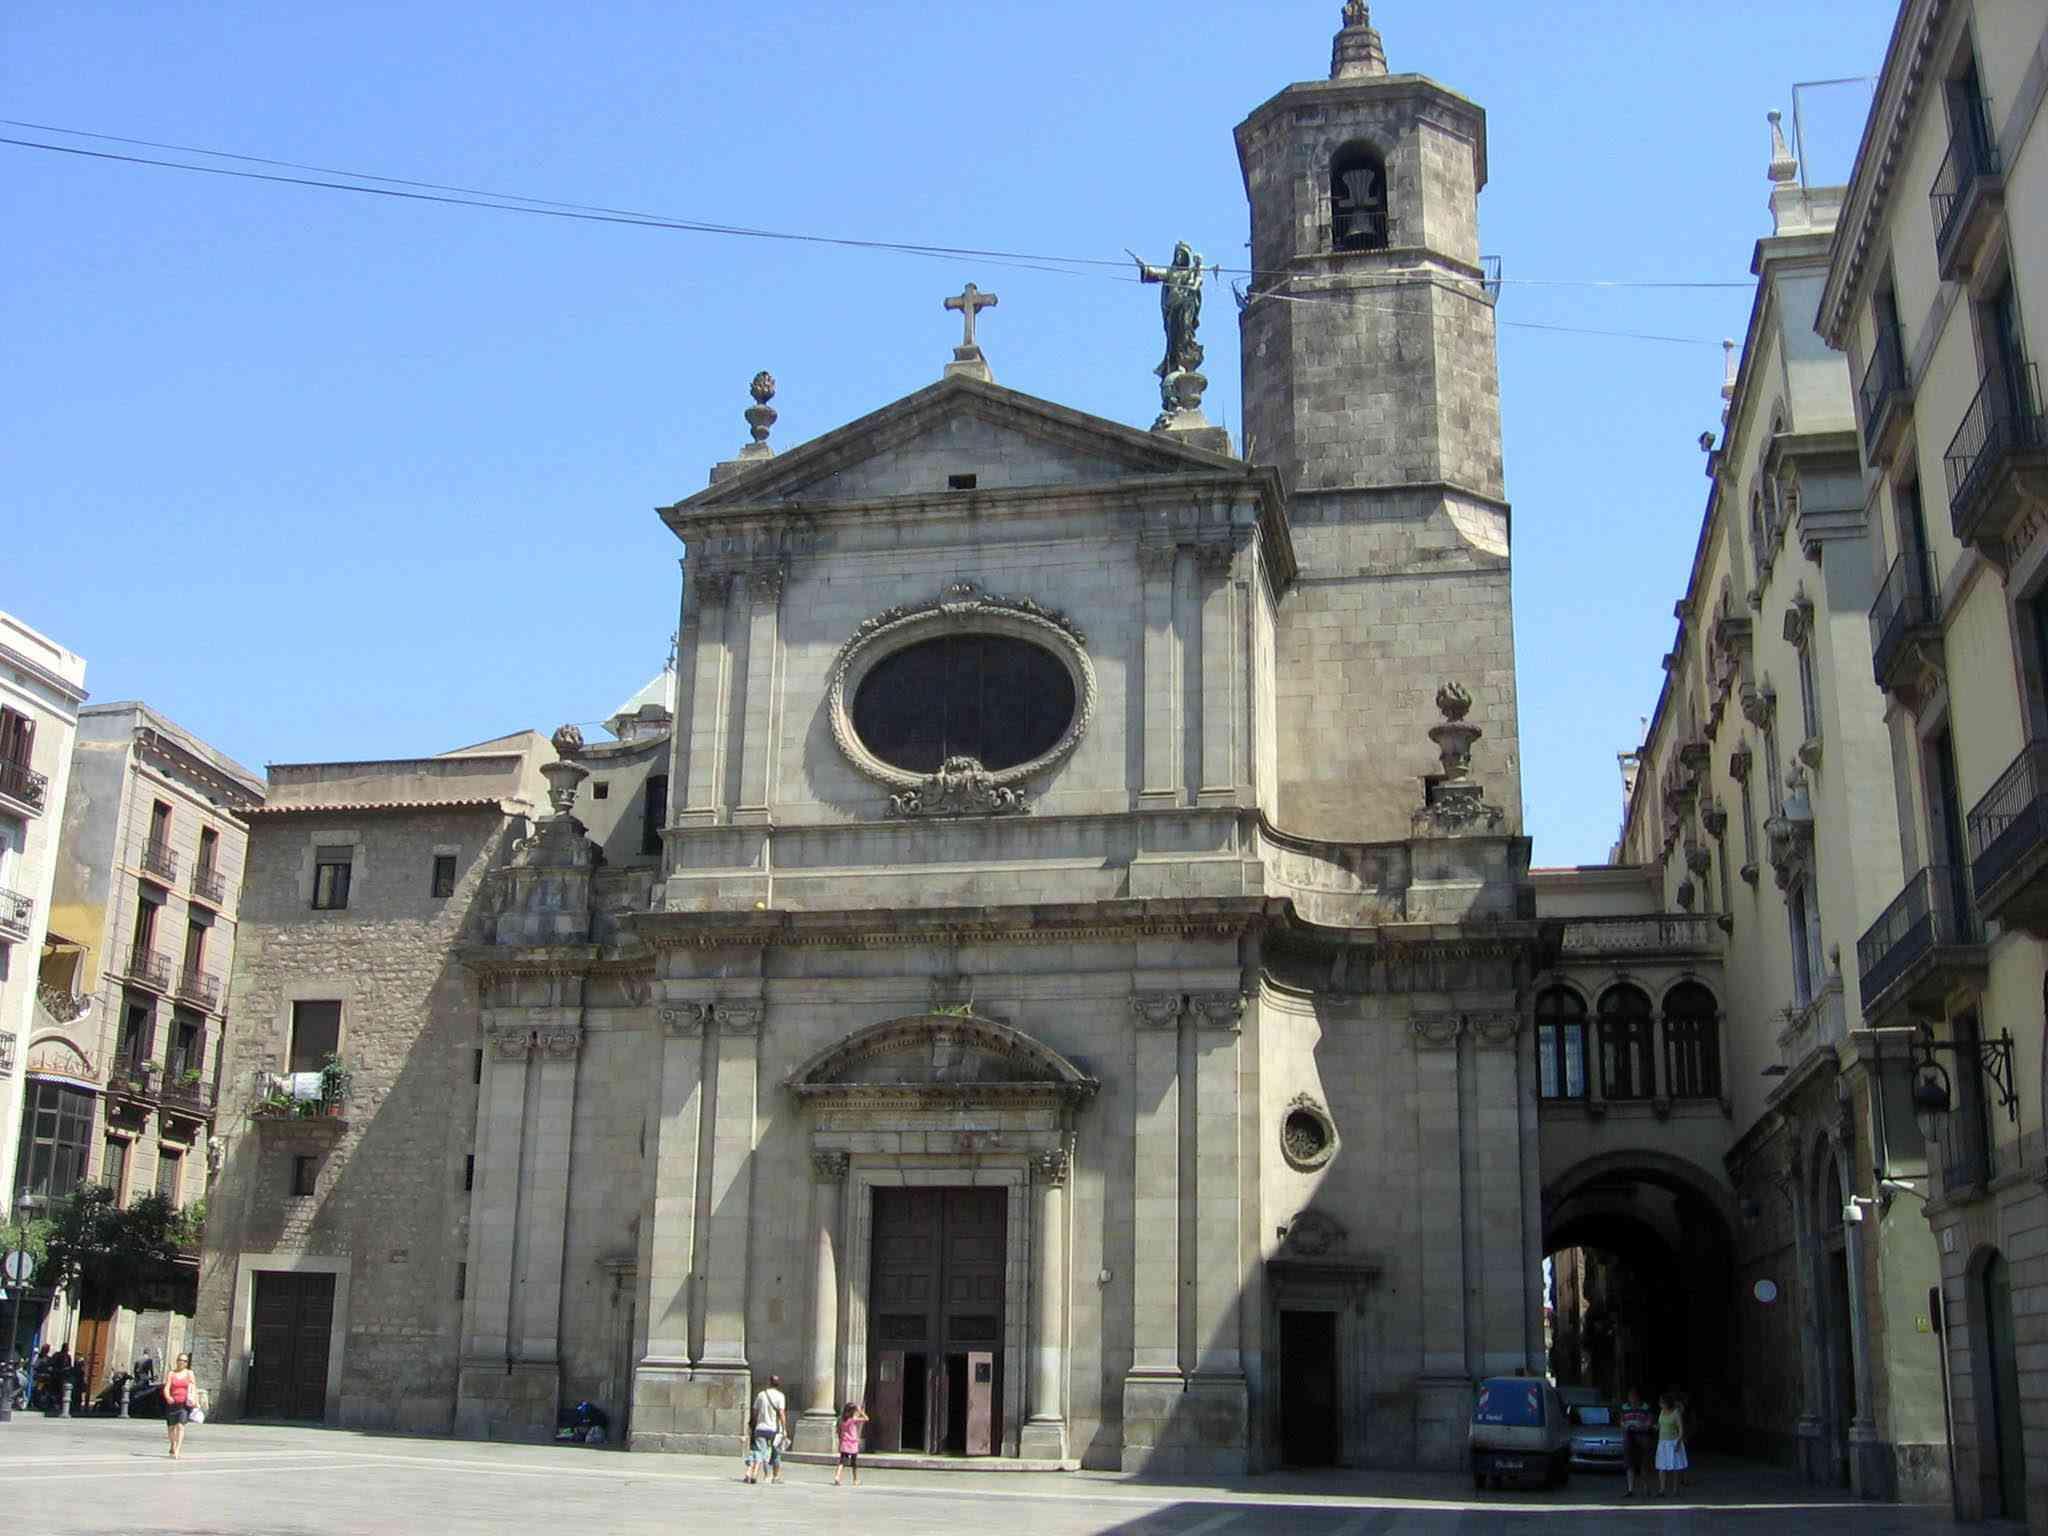 Basílica de la Merced facade